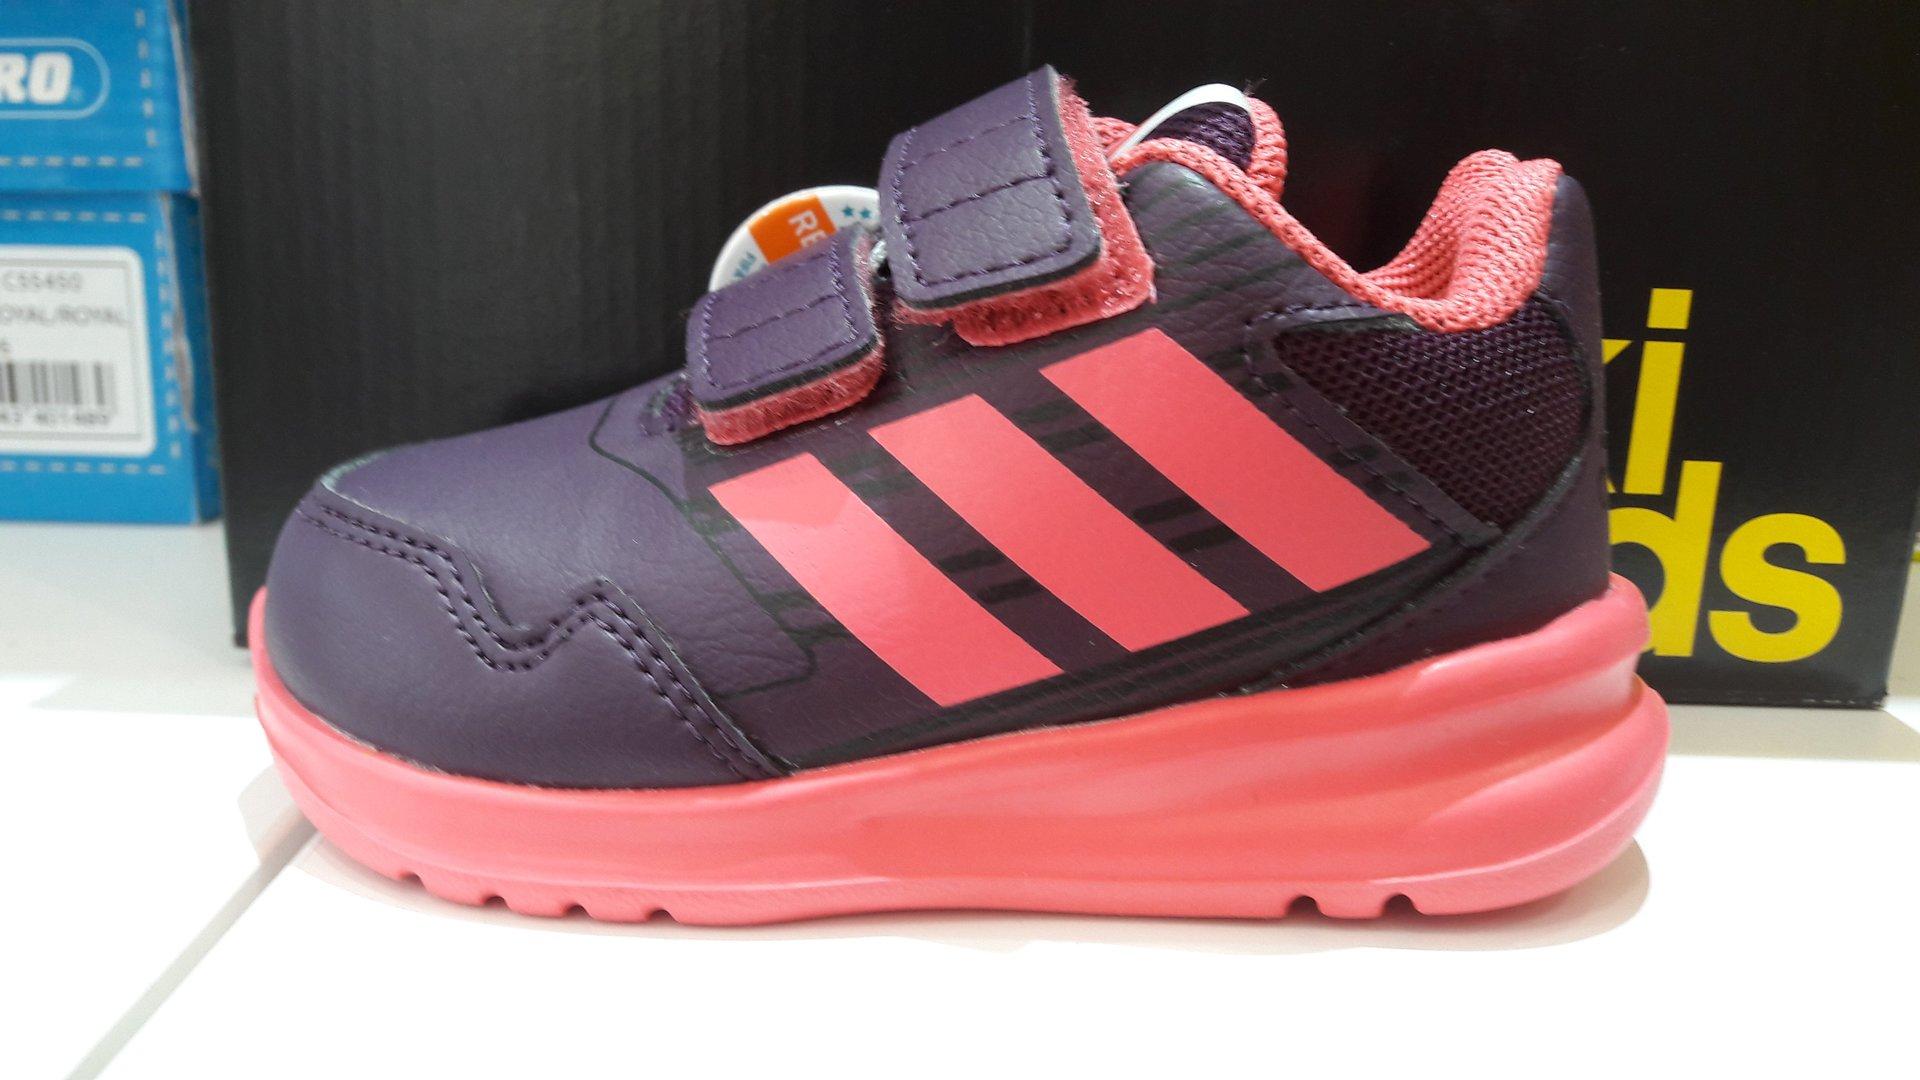 scarpa bambina nuova collezione